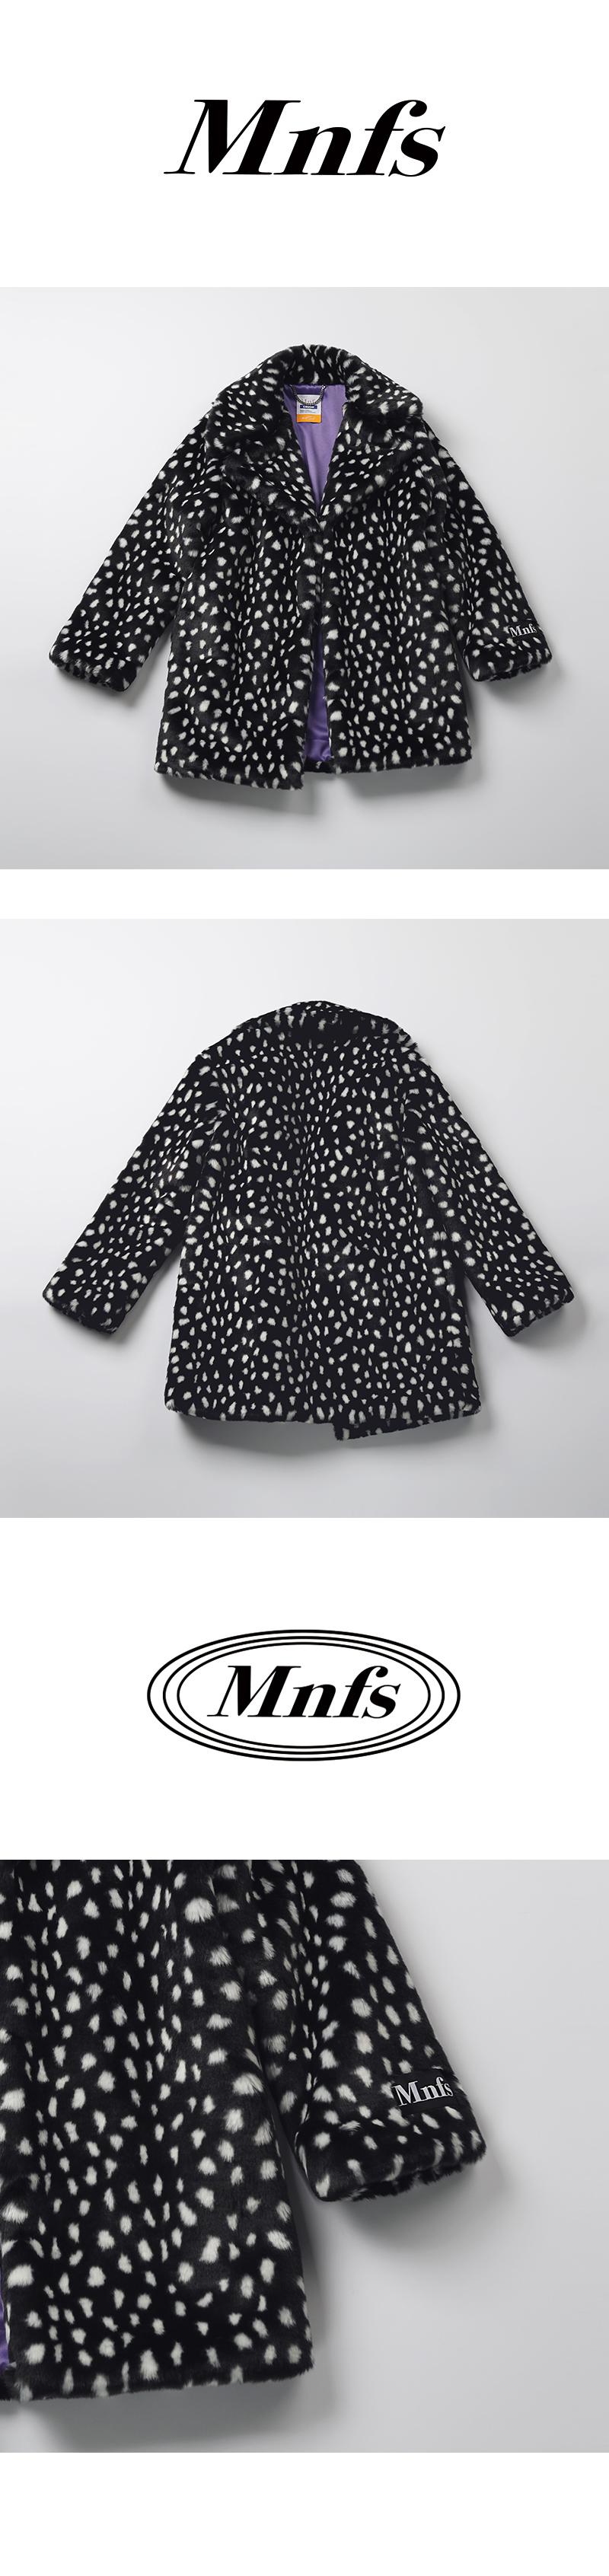 미뇽네프(MIGNONNEUF) 도트 하프 퍼 코트_furjacket coat